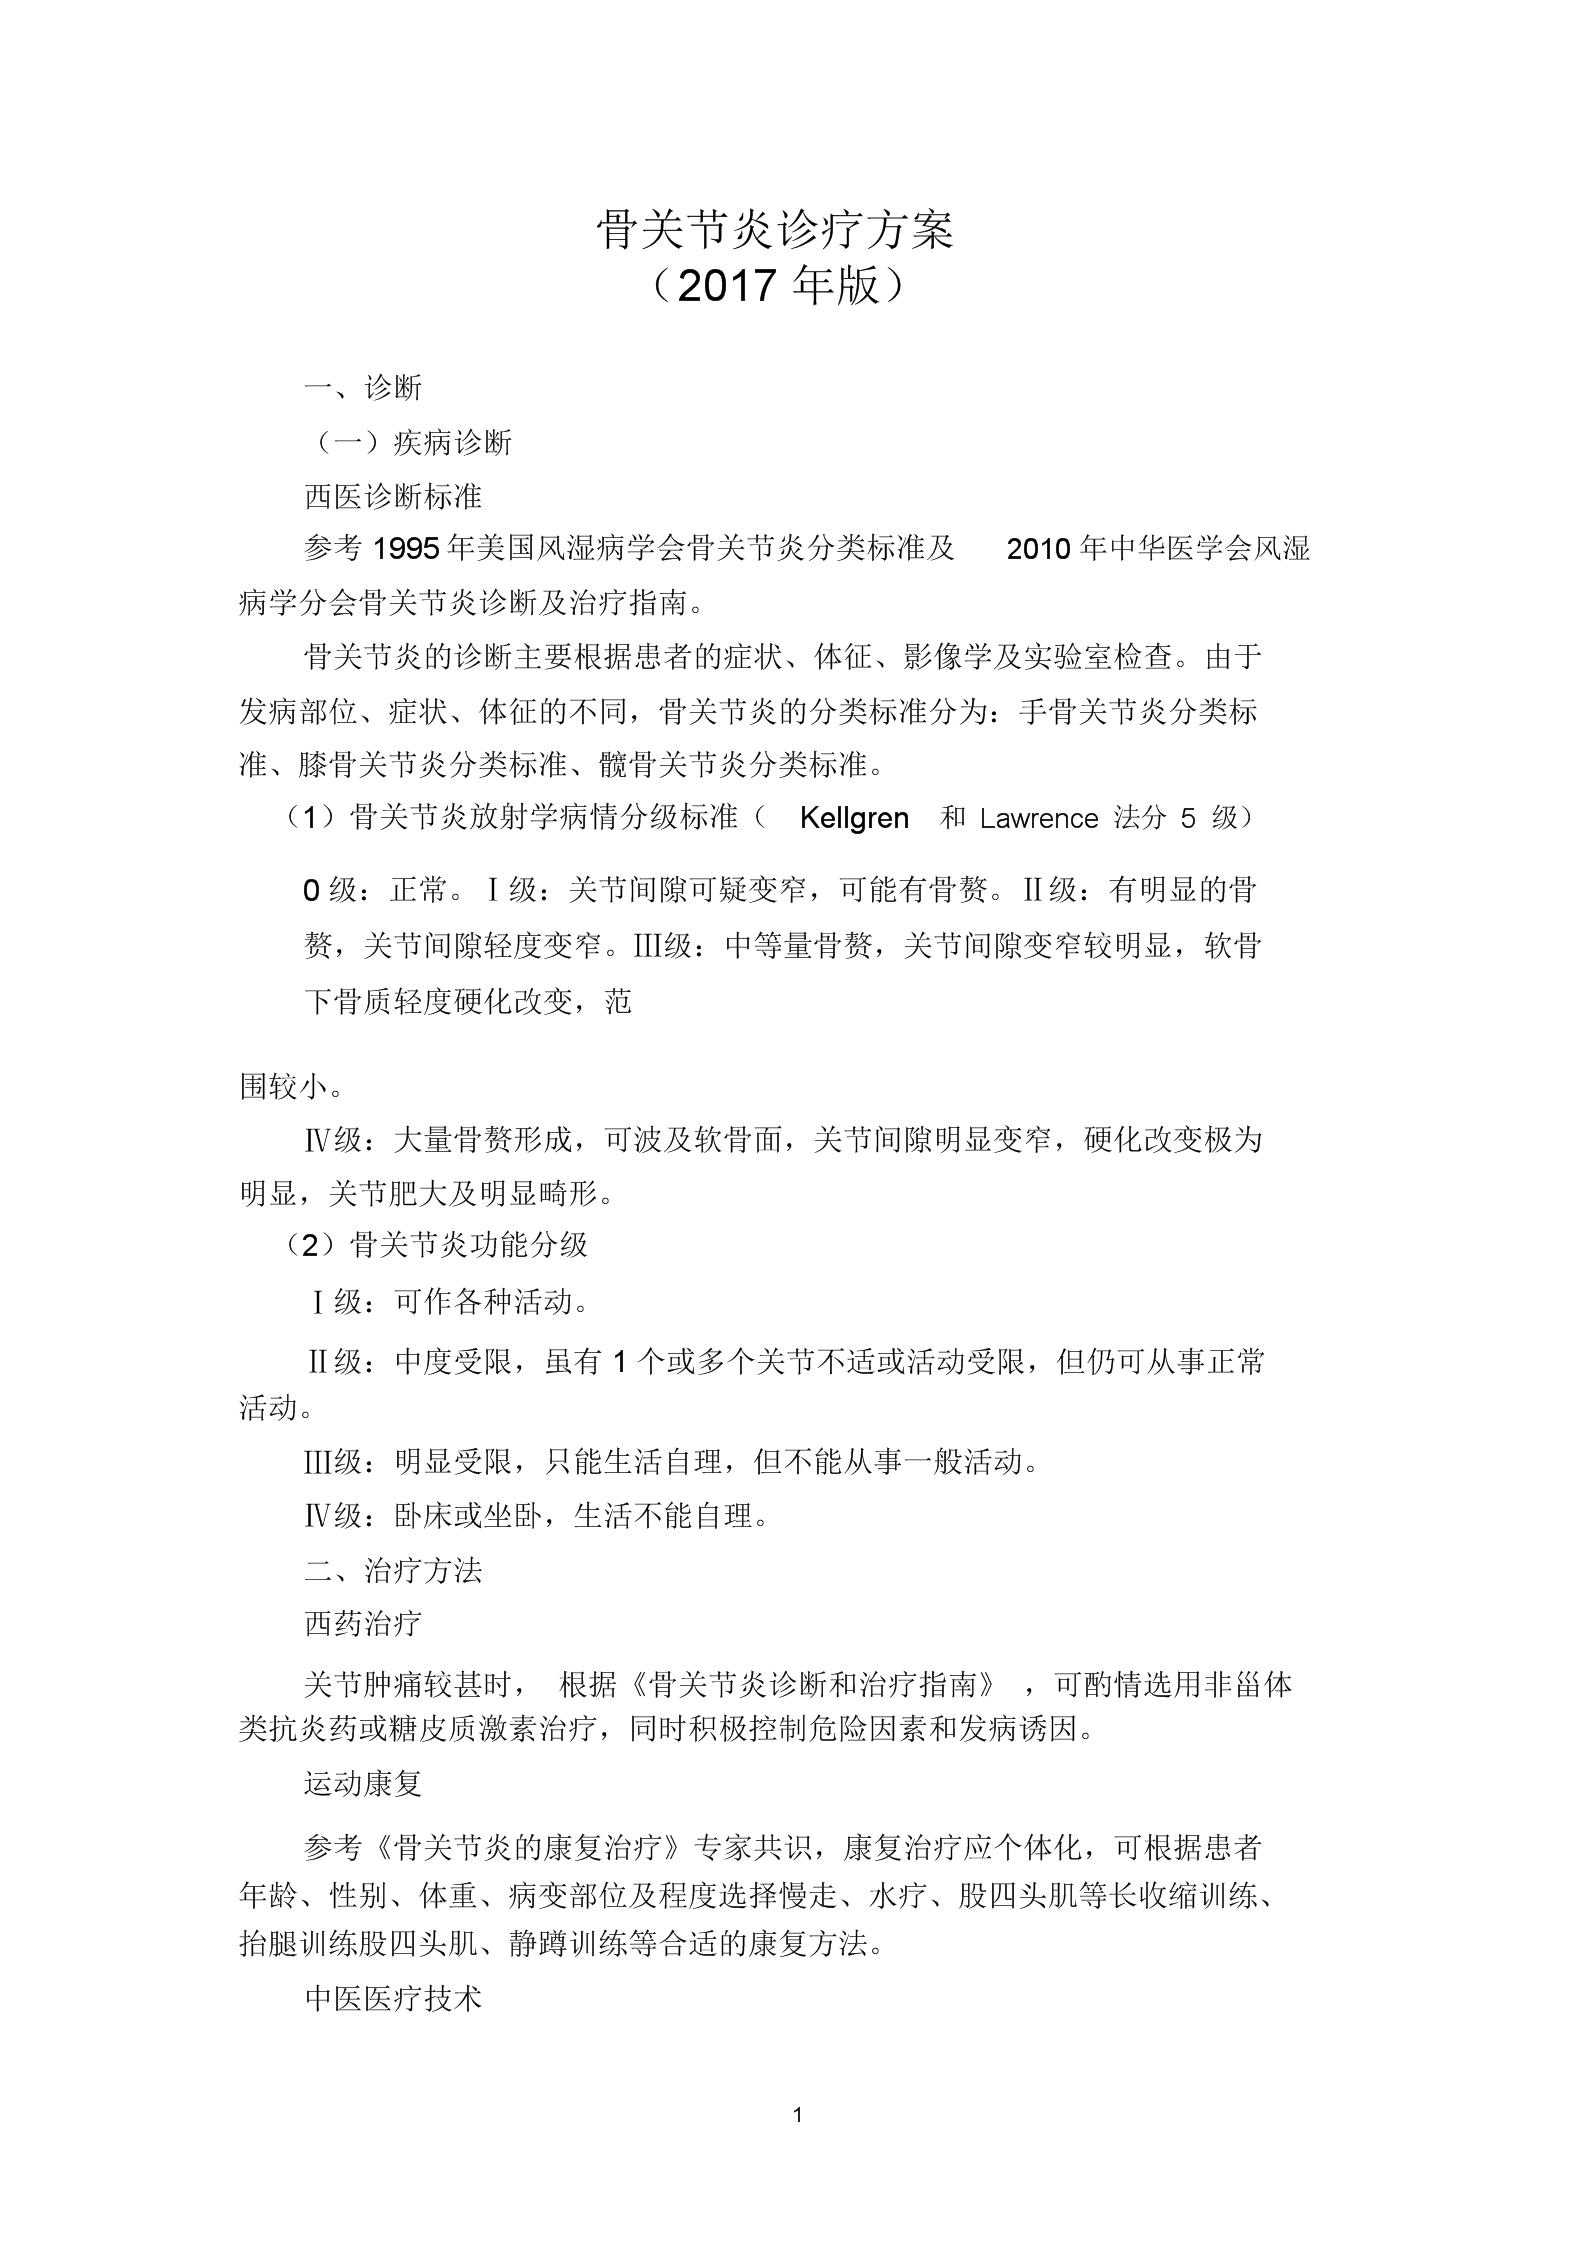 (完整word版)骨痹(骨关节炎)中医诊疗方案(2017年版).docx